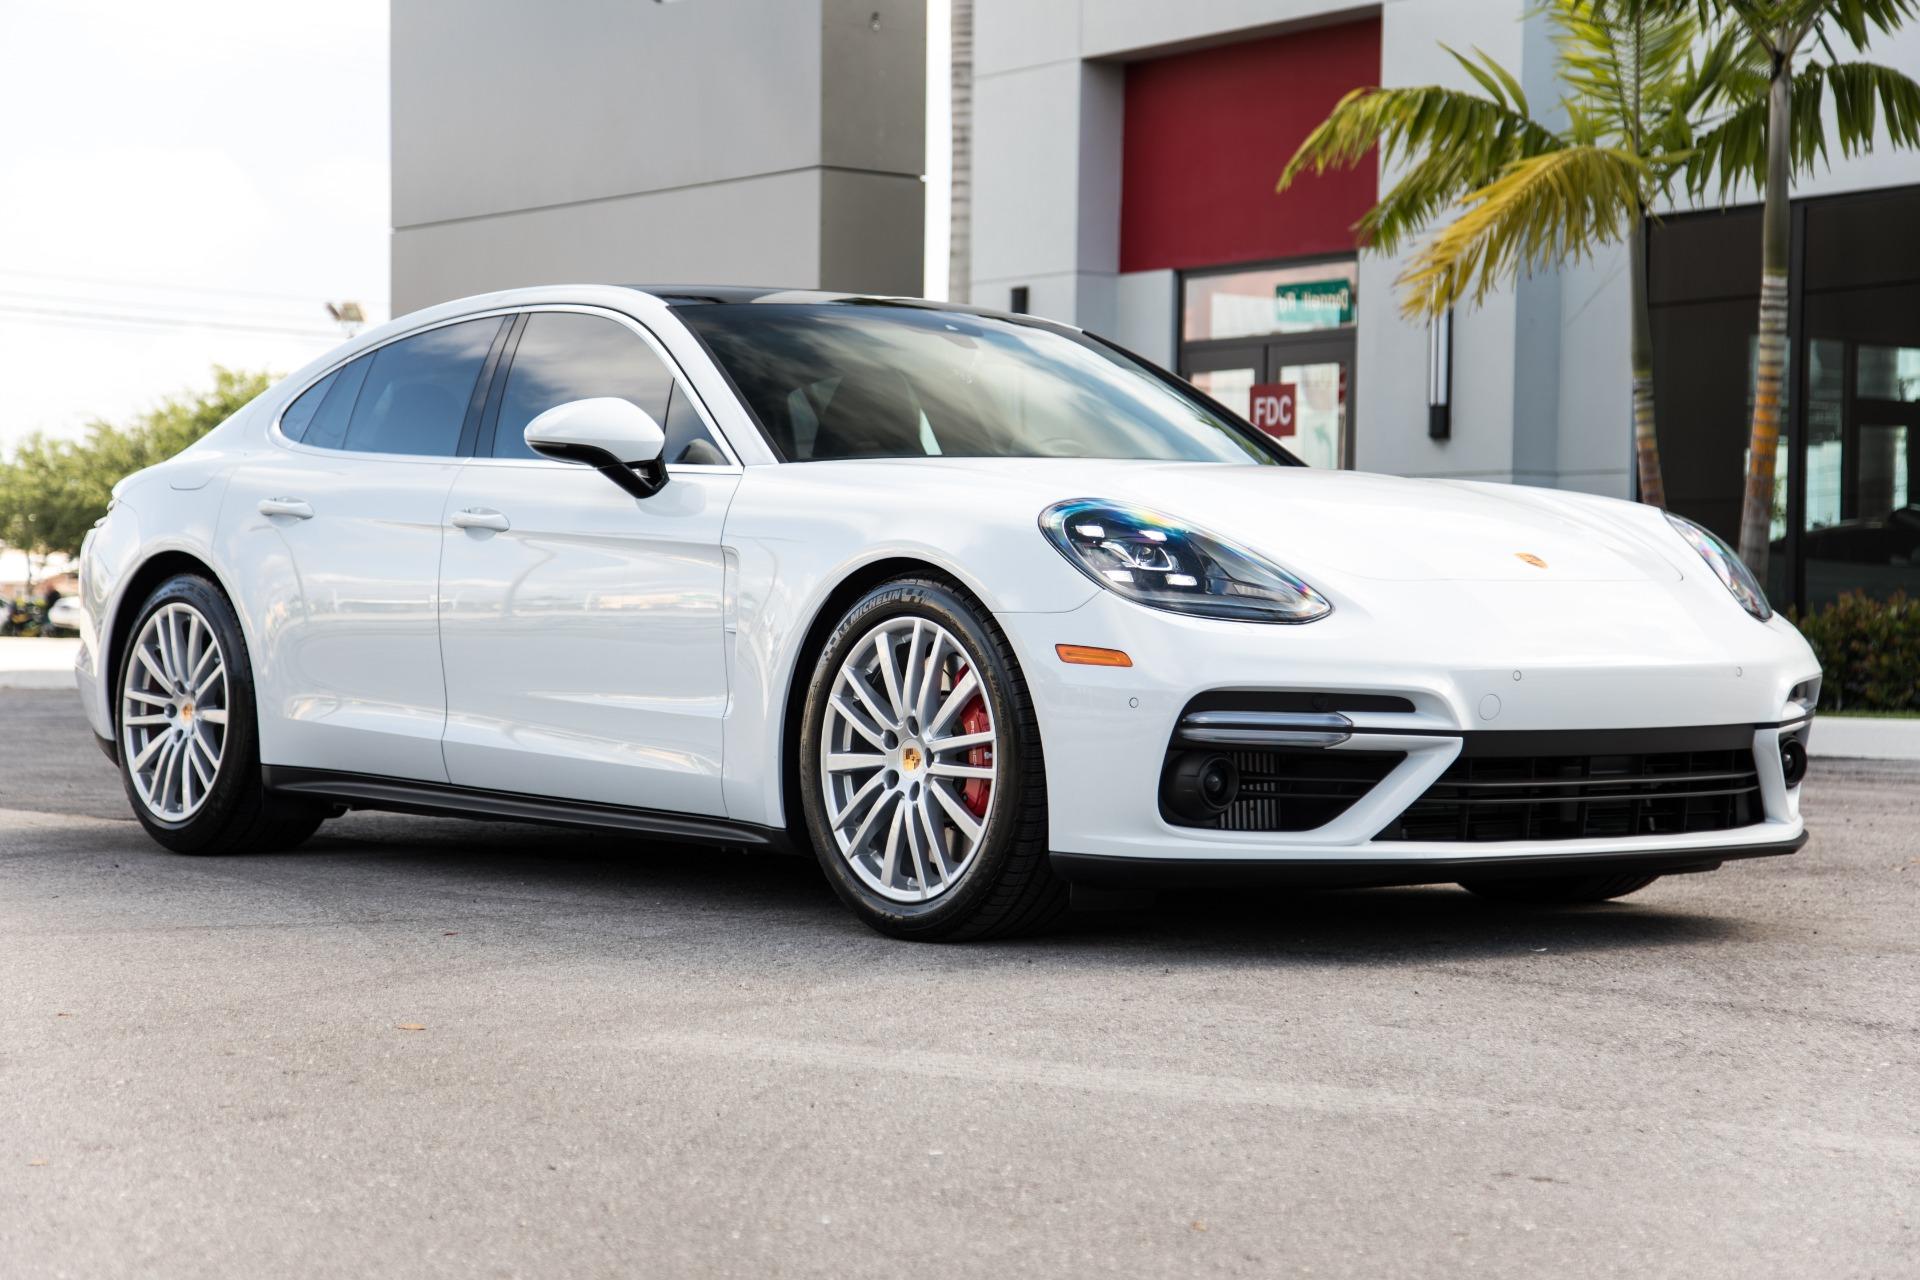 Porsche panamera - обзор, цены, видео, технические характеристики порше панамера